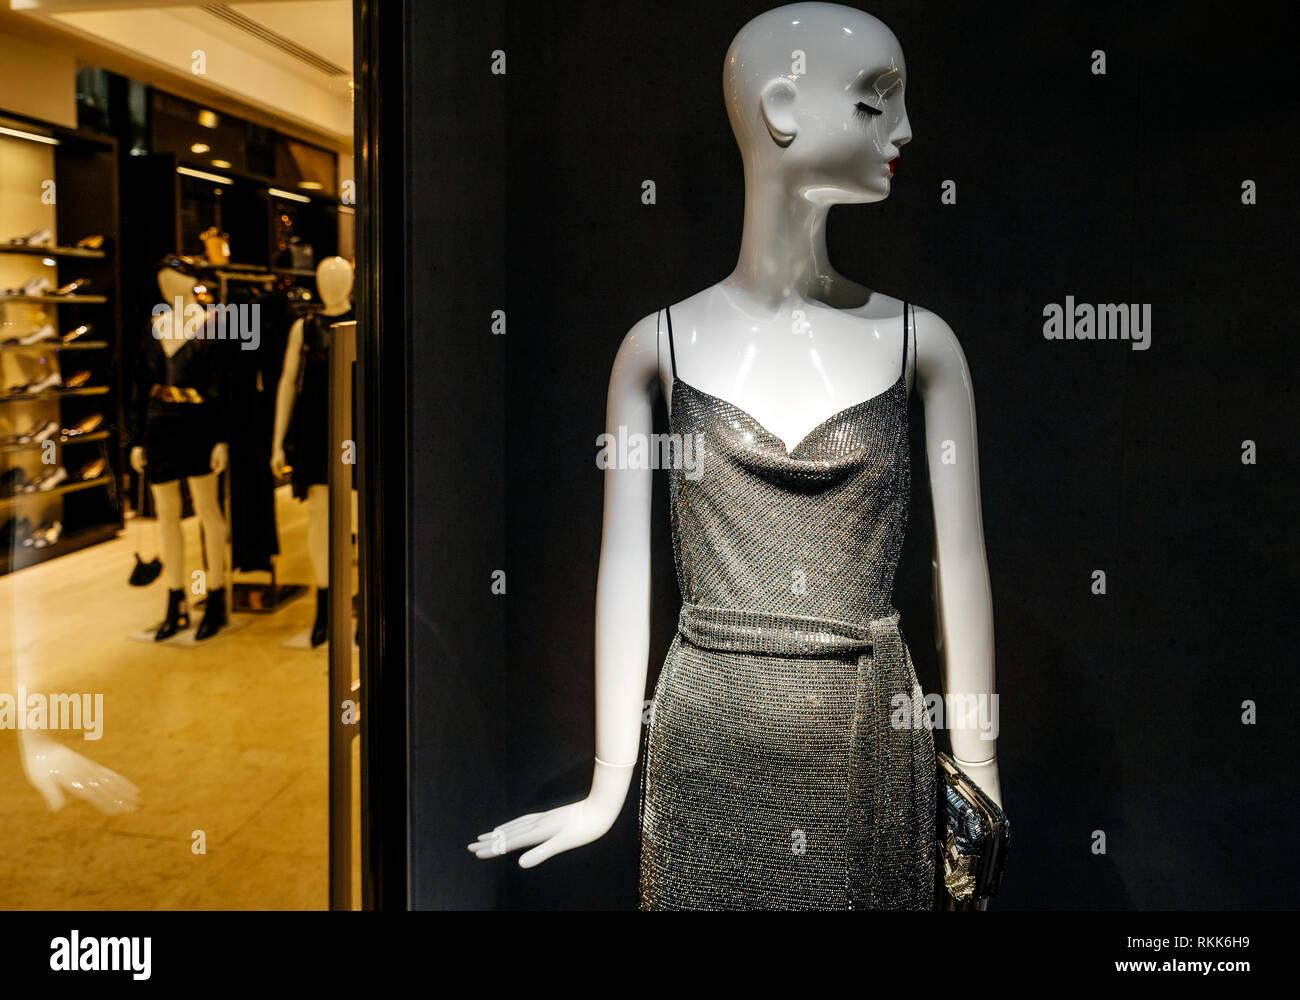 a5b17801b5a Femme de luxe robe de soirée sur mannequin vu de la rue commerçante de  quartier haute